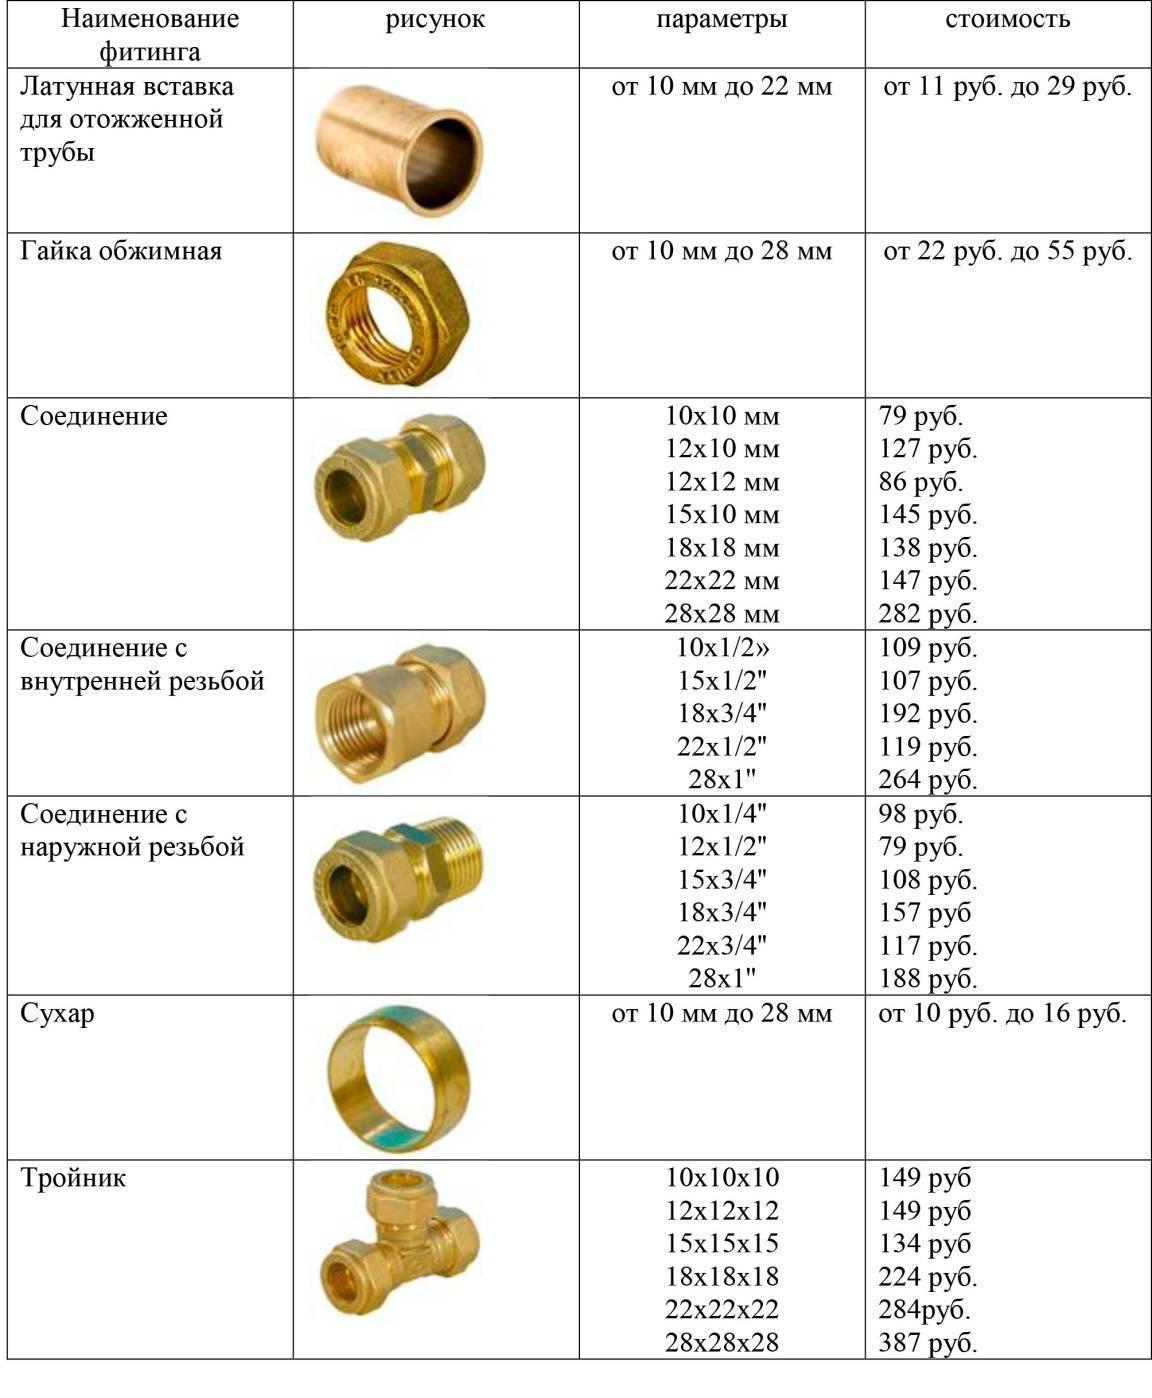 Виды медных фитингов для труб: обжимные, компрессионные, под пайку - сравнение